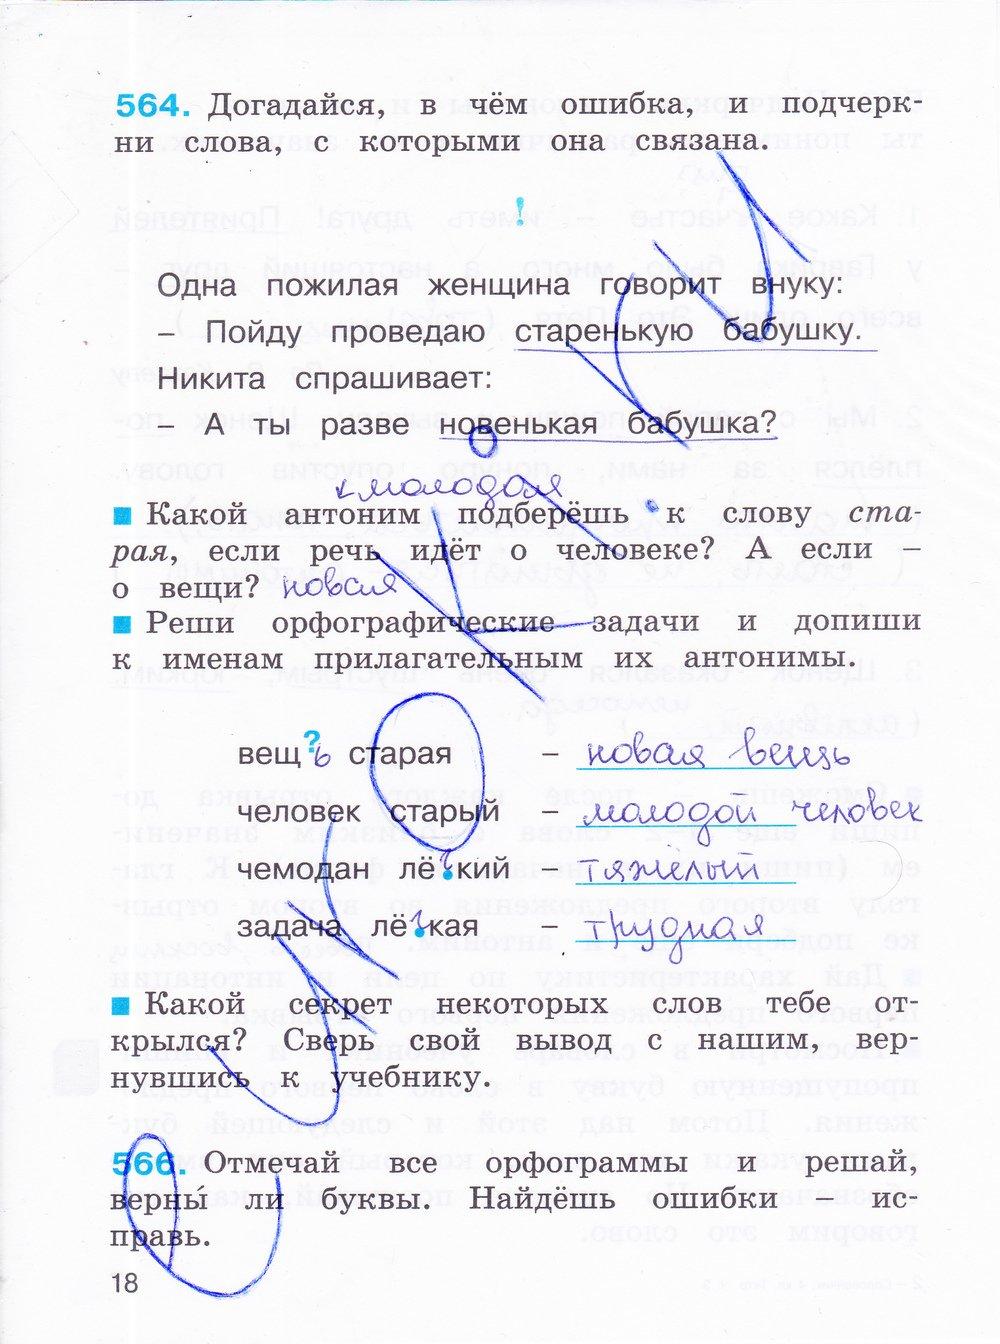 решебник русский тетрадь соловейчик 2 класс